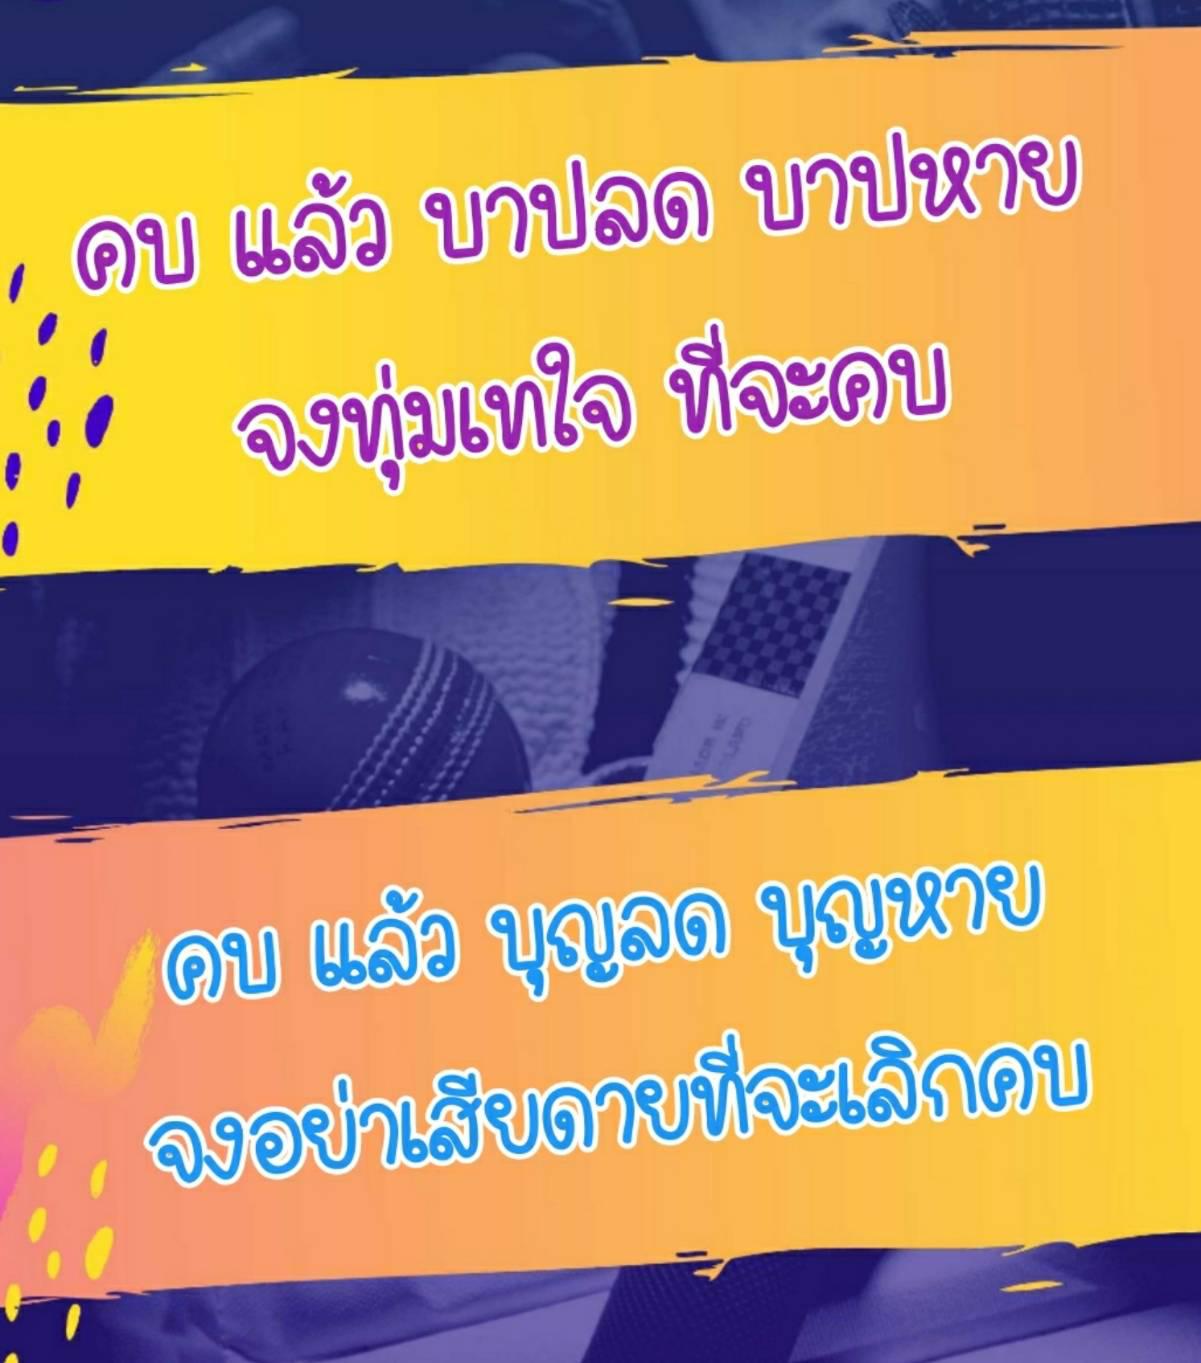 upload_2019-10-12_14-47-10.png